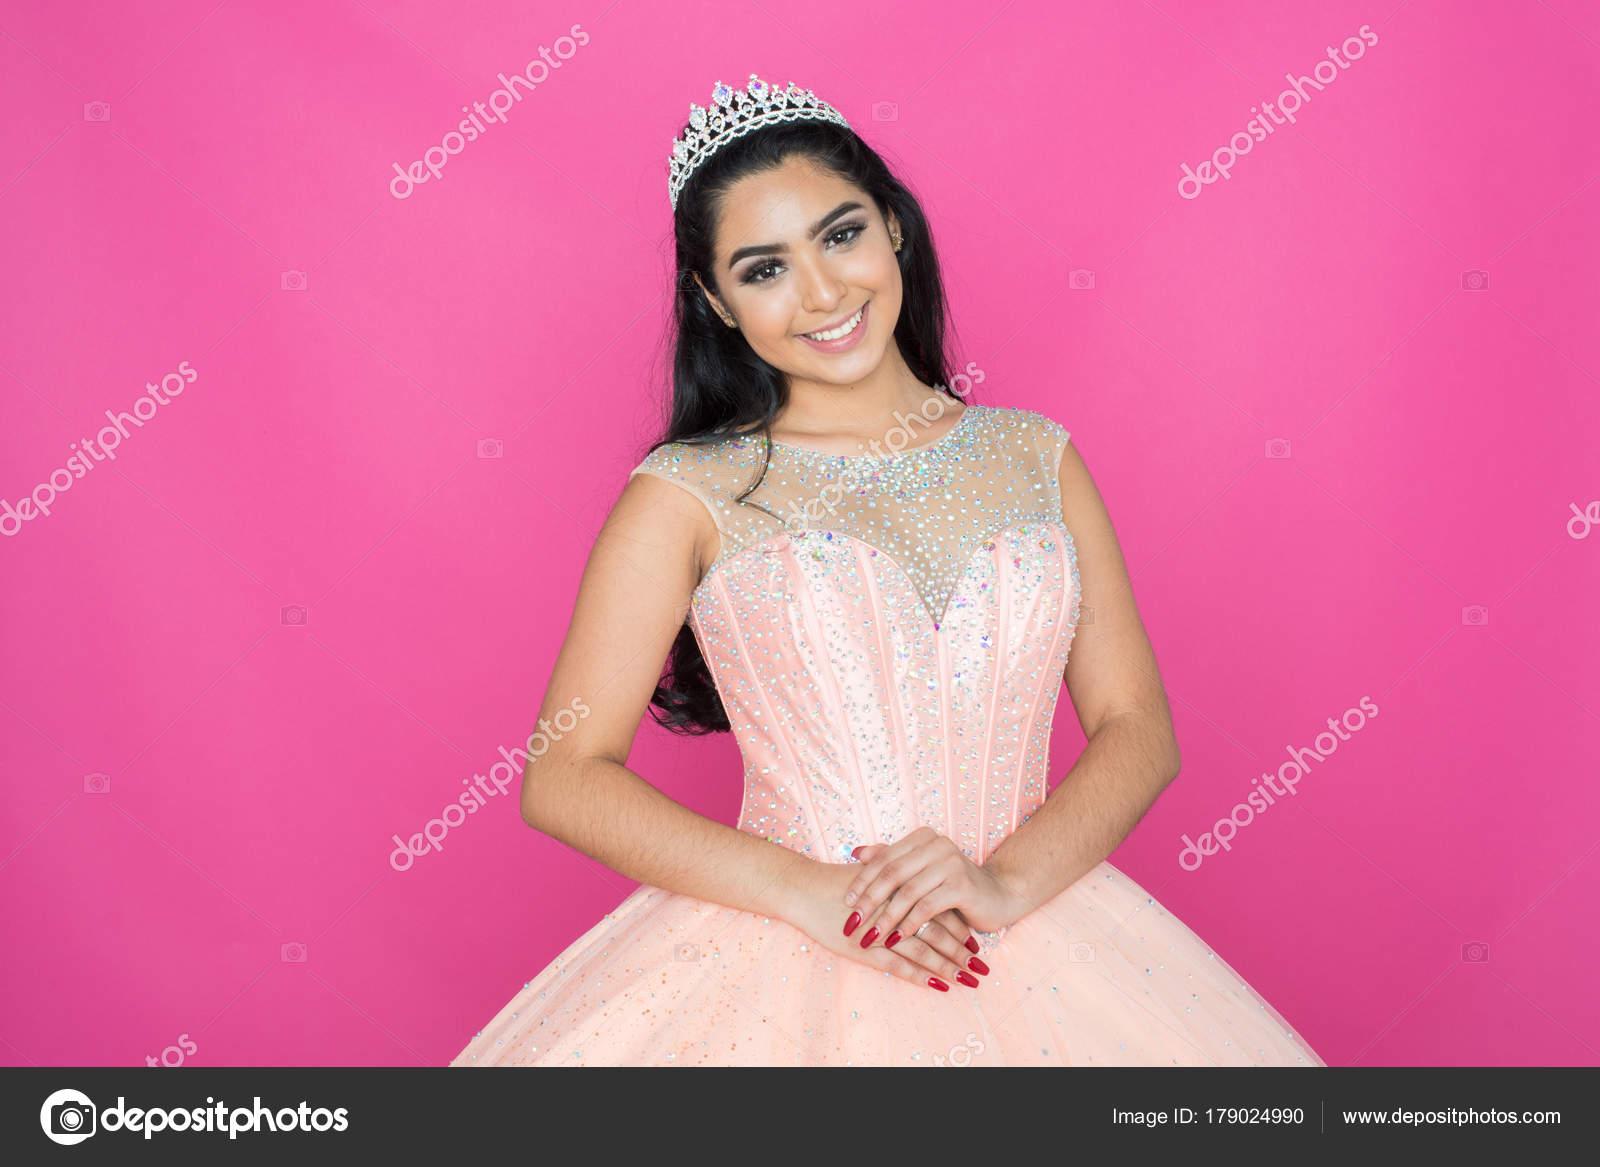 Teen en vestido de baile — Foto de stock © rmarmion #179024990